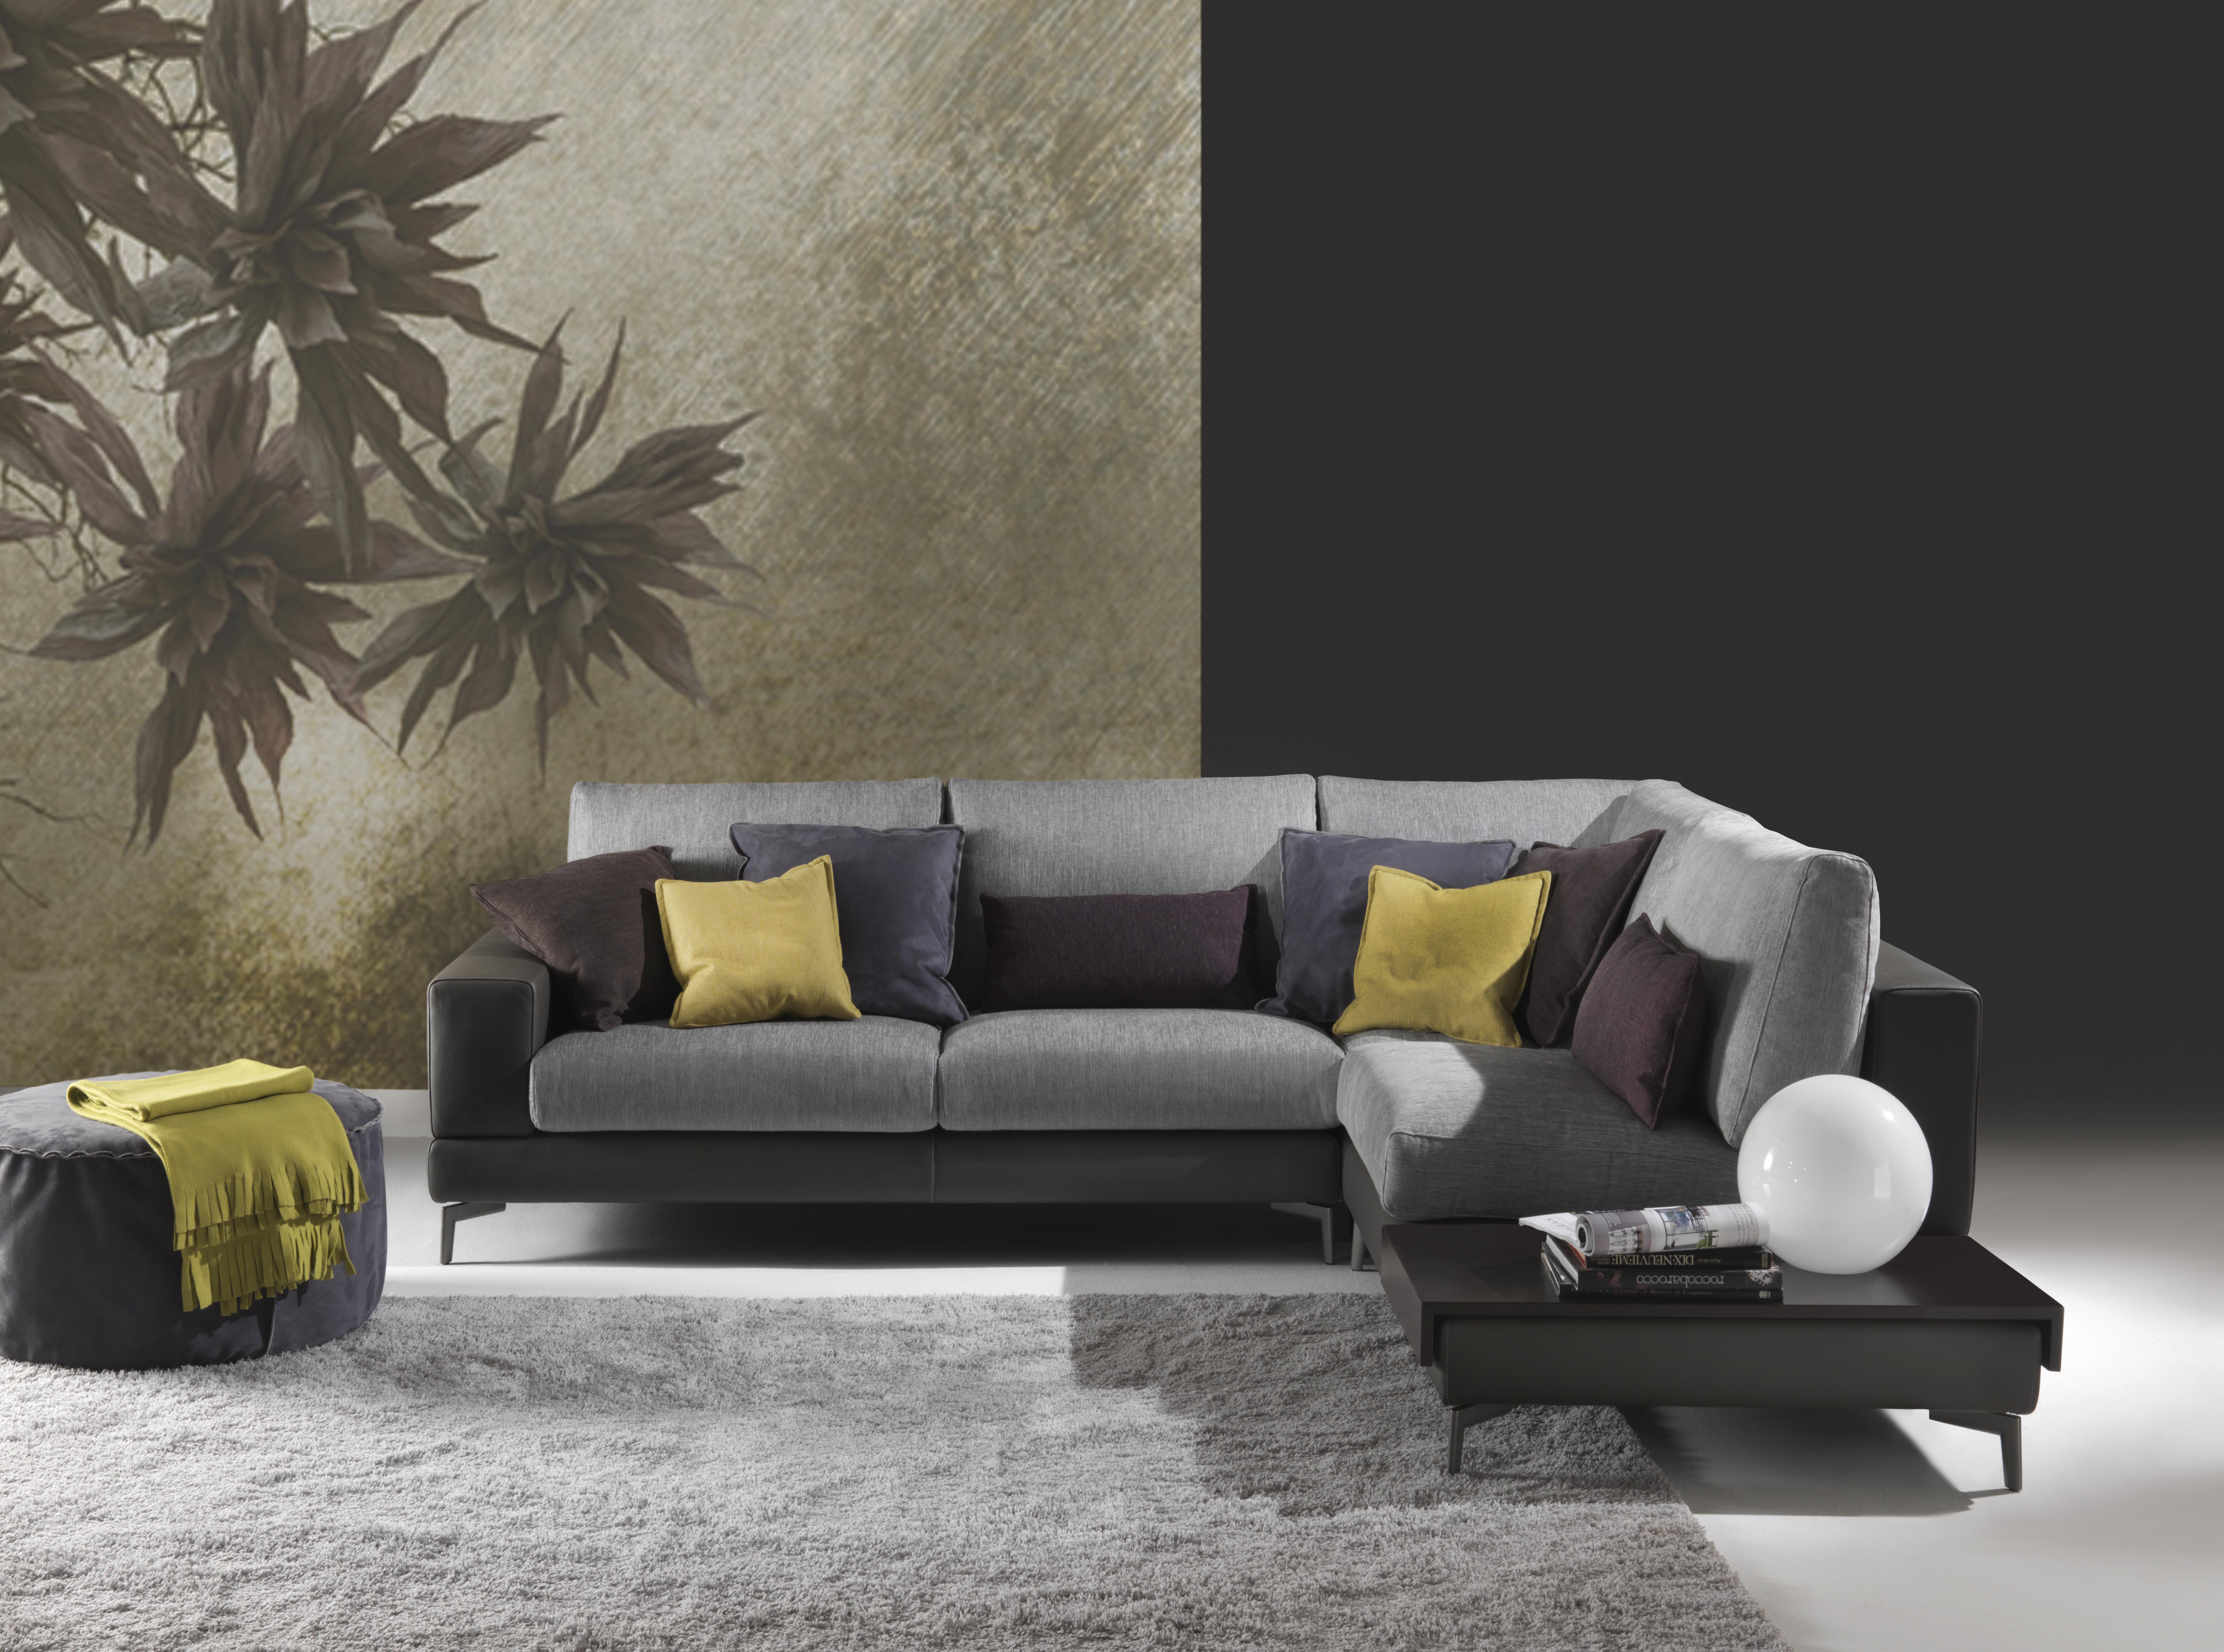 Divani economici napoli mobili moderni economici napoli for Mobili design occasioni divani